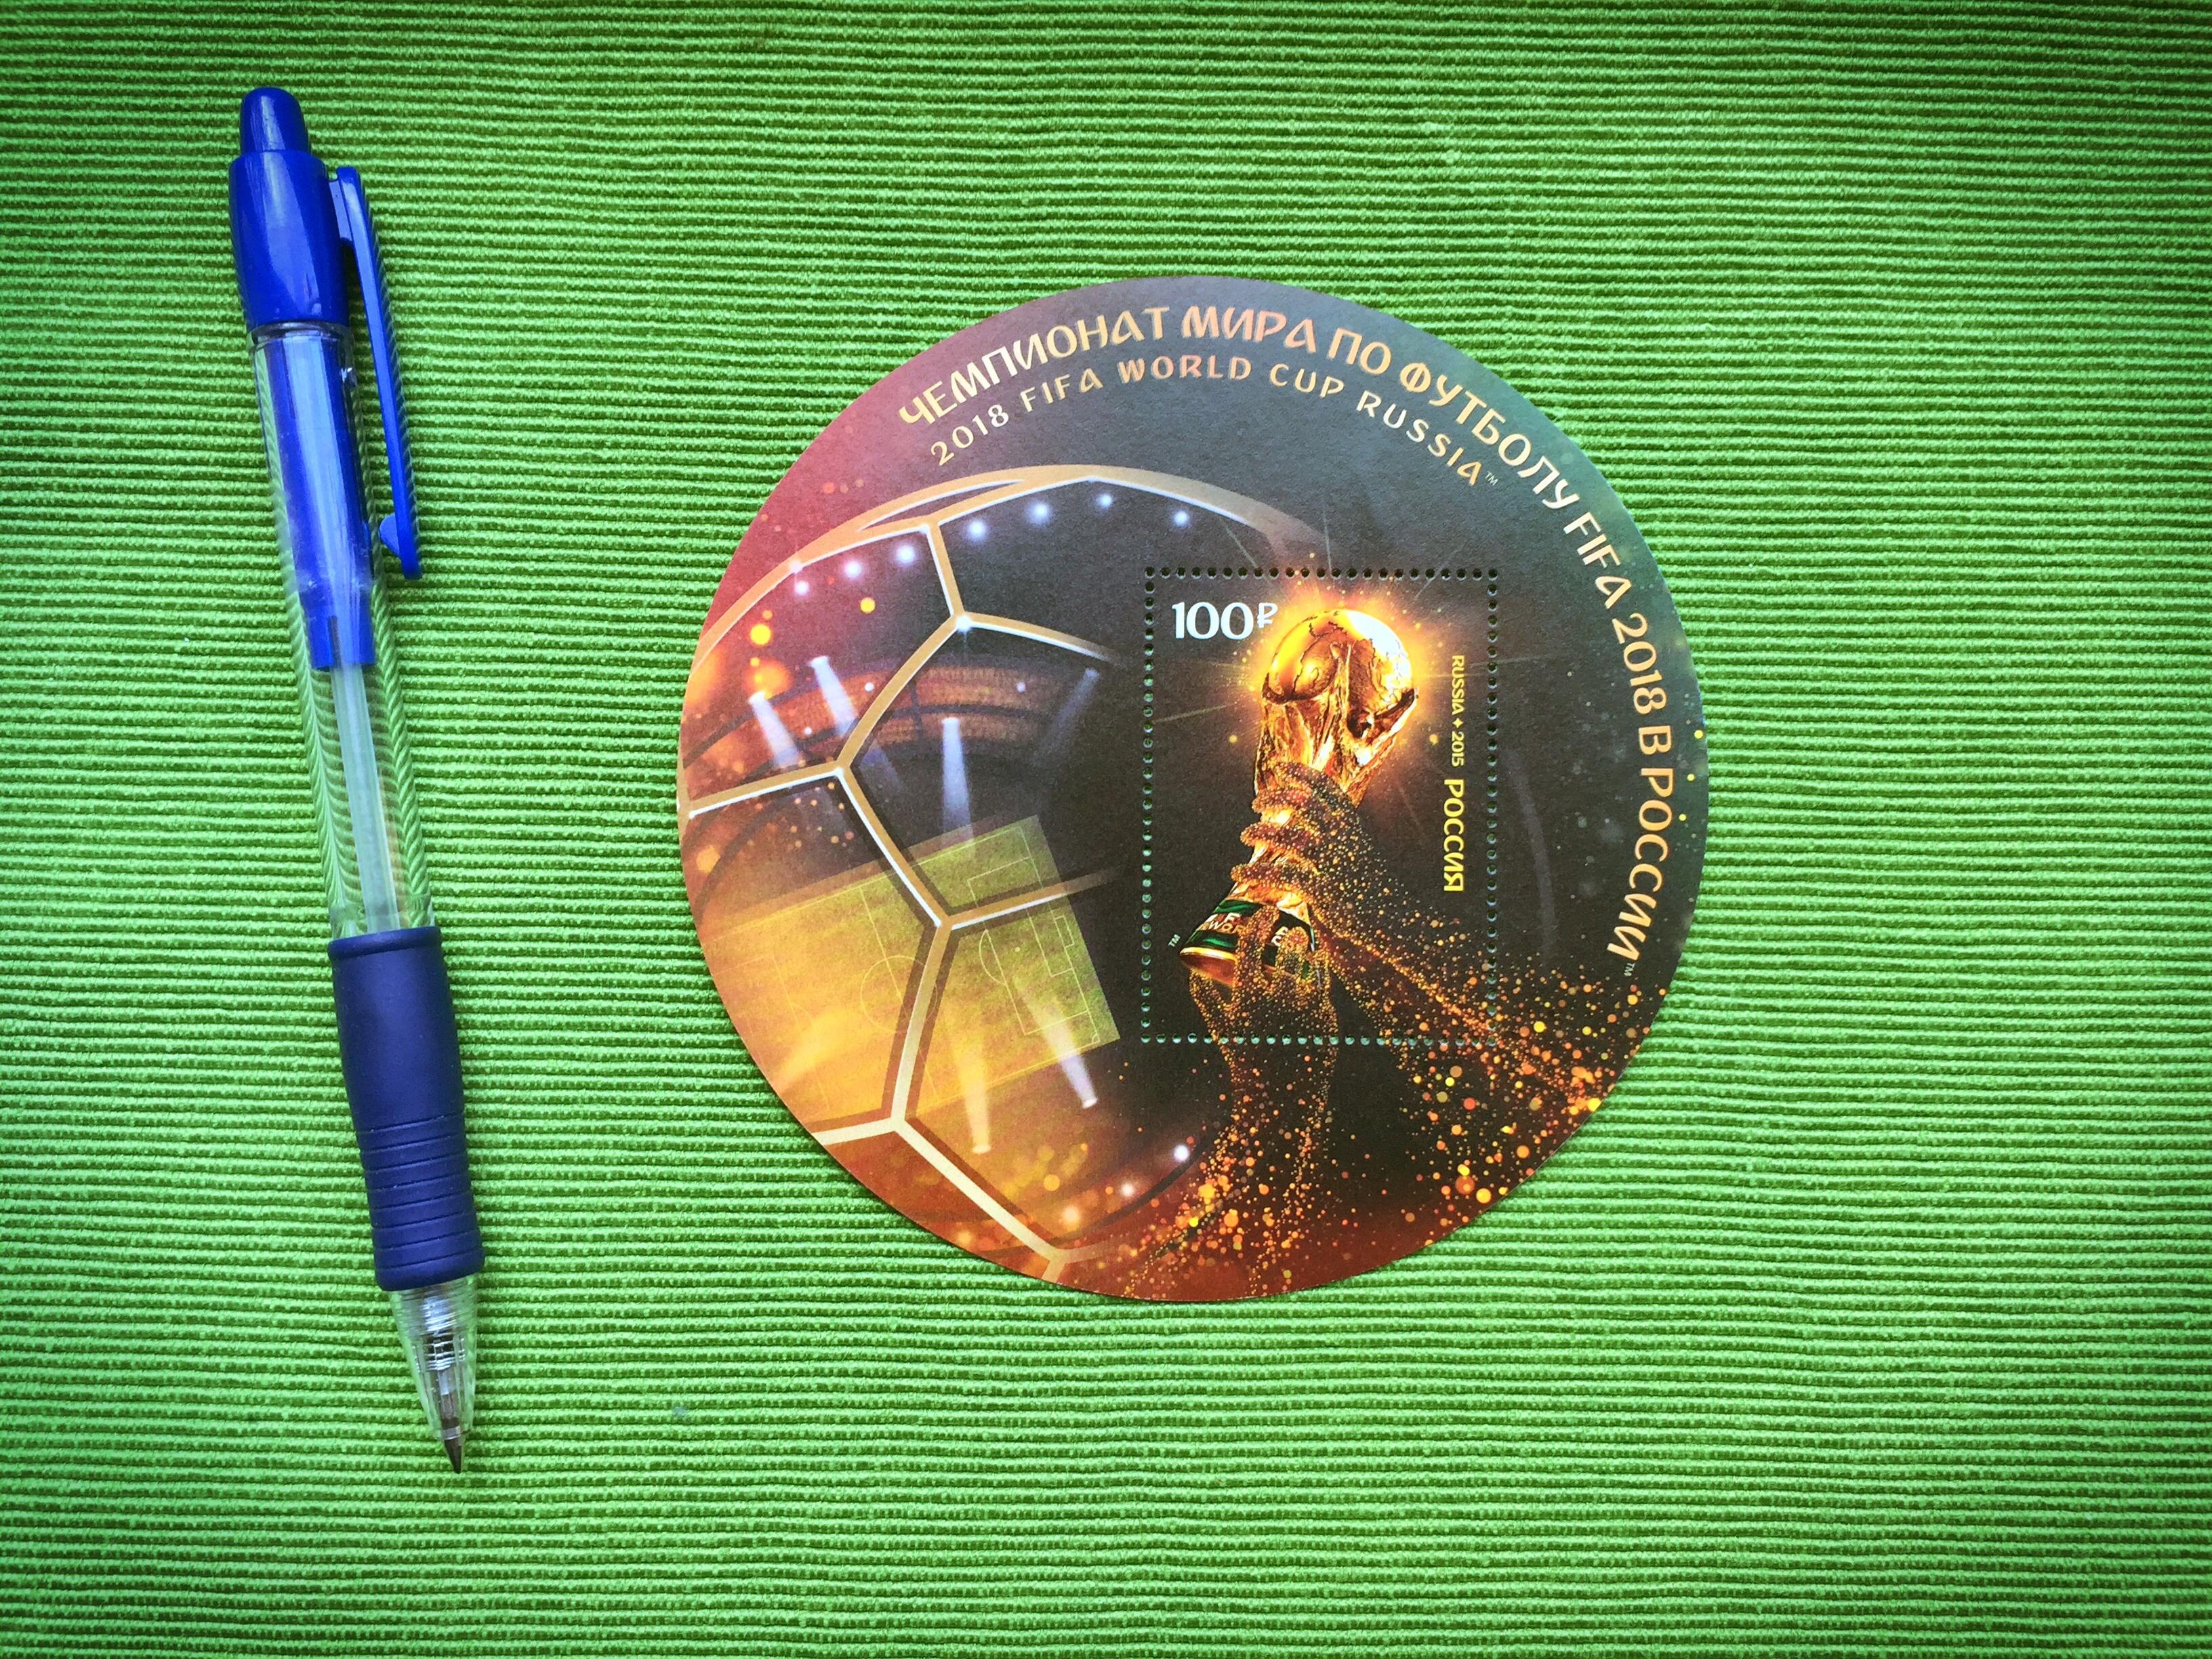 kscheib Russland Fußball-WM Briefmarke Pokal